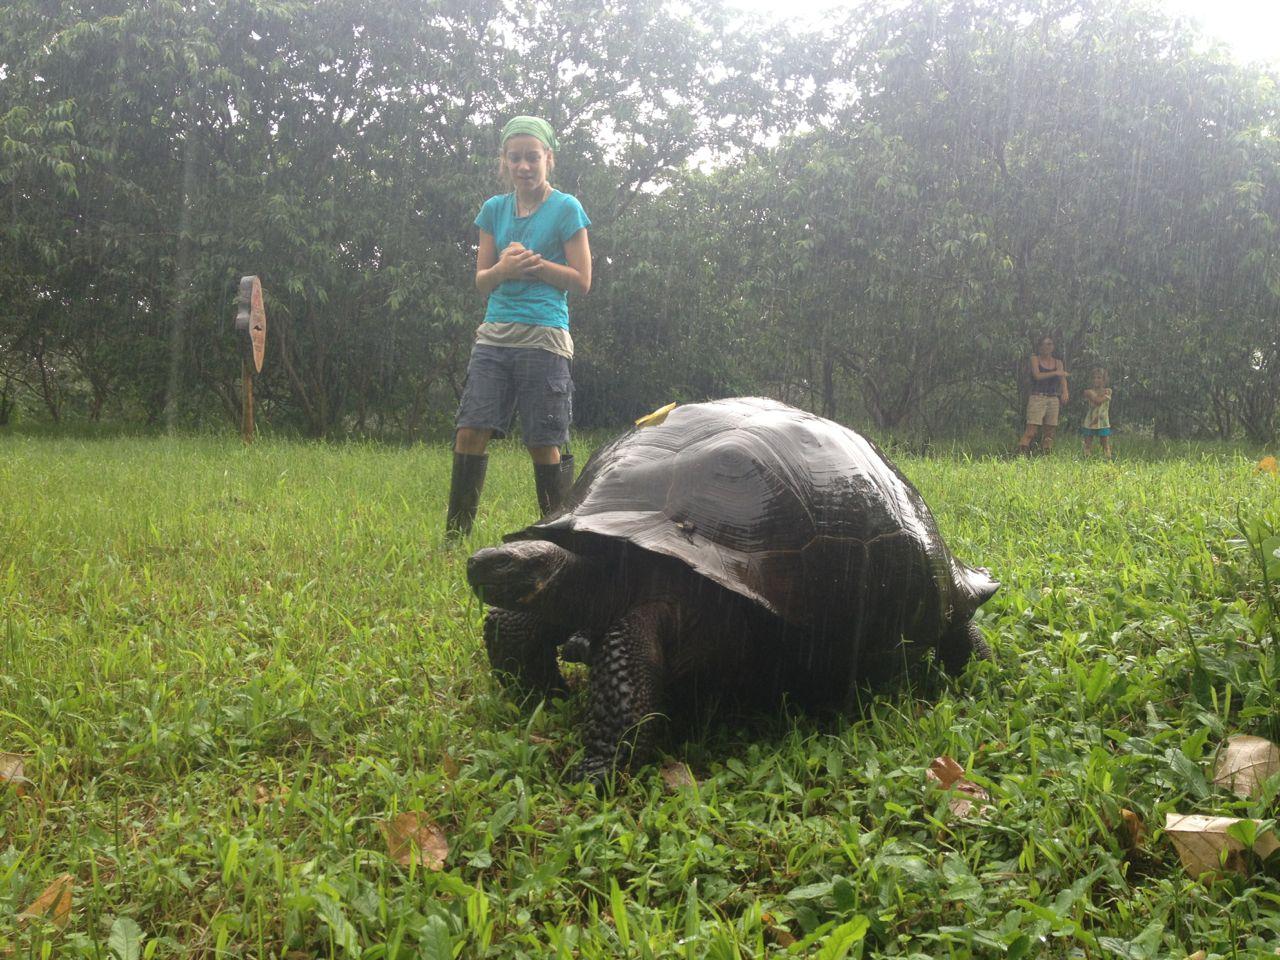 Diese über ein Meter grosse Riesenschildkröte kroch keine 2m entfernt an uns vorbei.